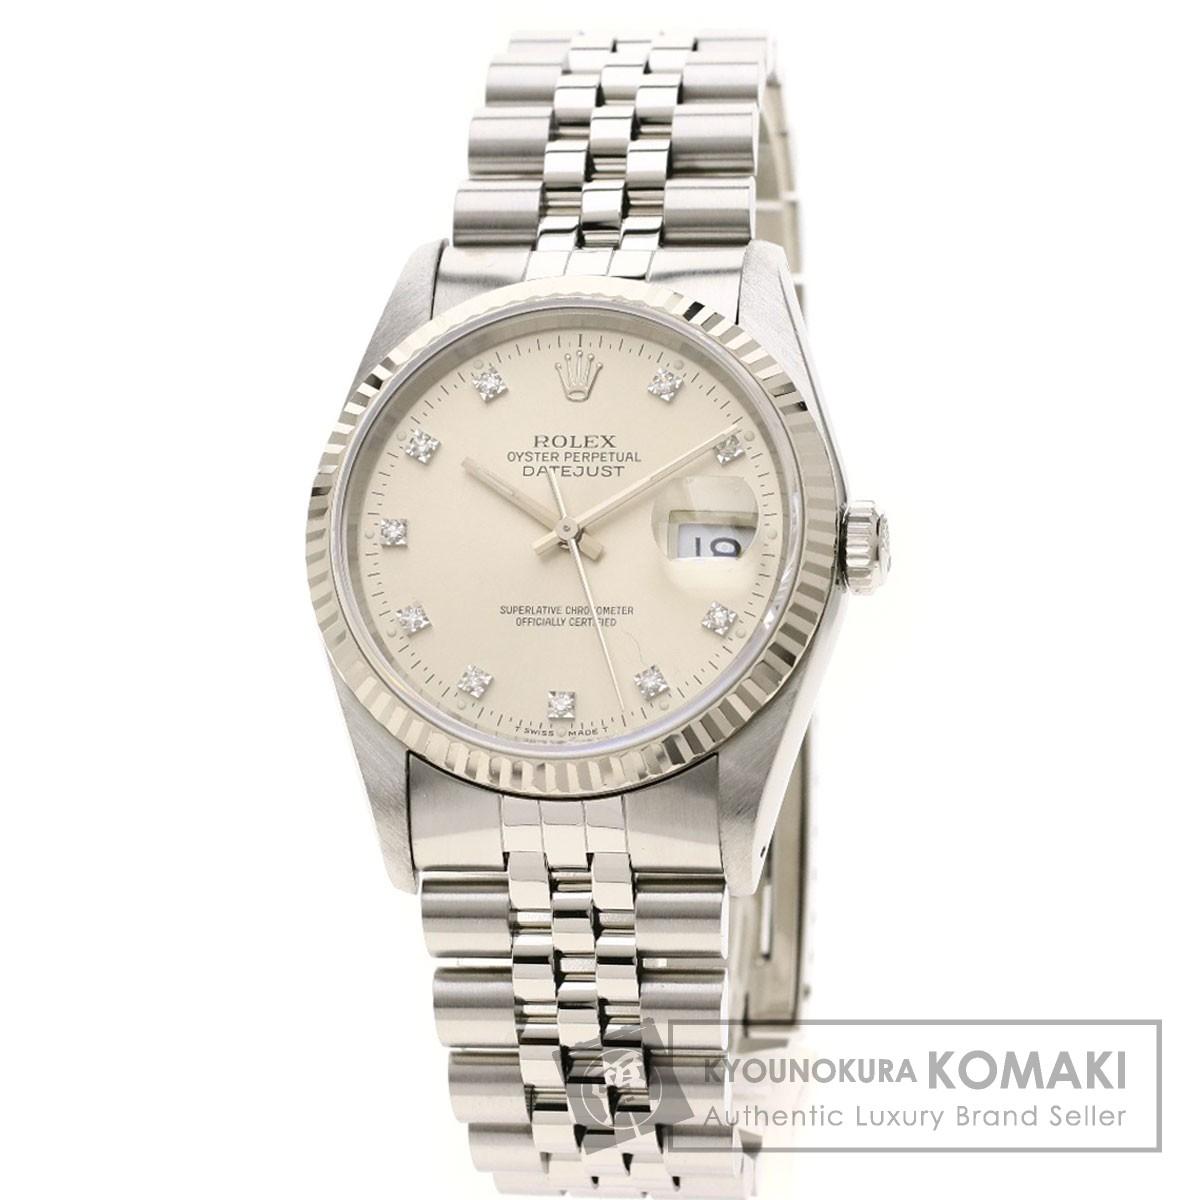 ロレックス 16234G デイトジャスト 10Pダイヤモンド 腕時計 OH済 ステンレススチール/SS/K18WG メンズ 【中古】【ROLEX】